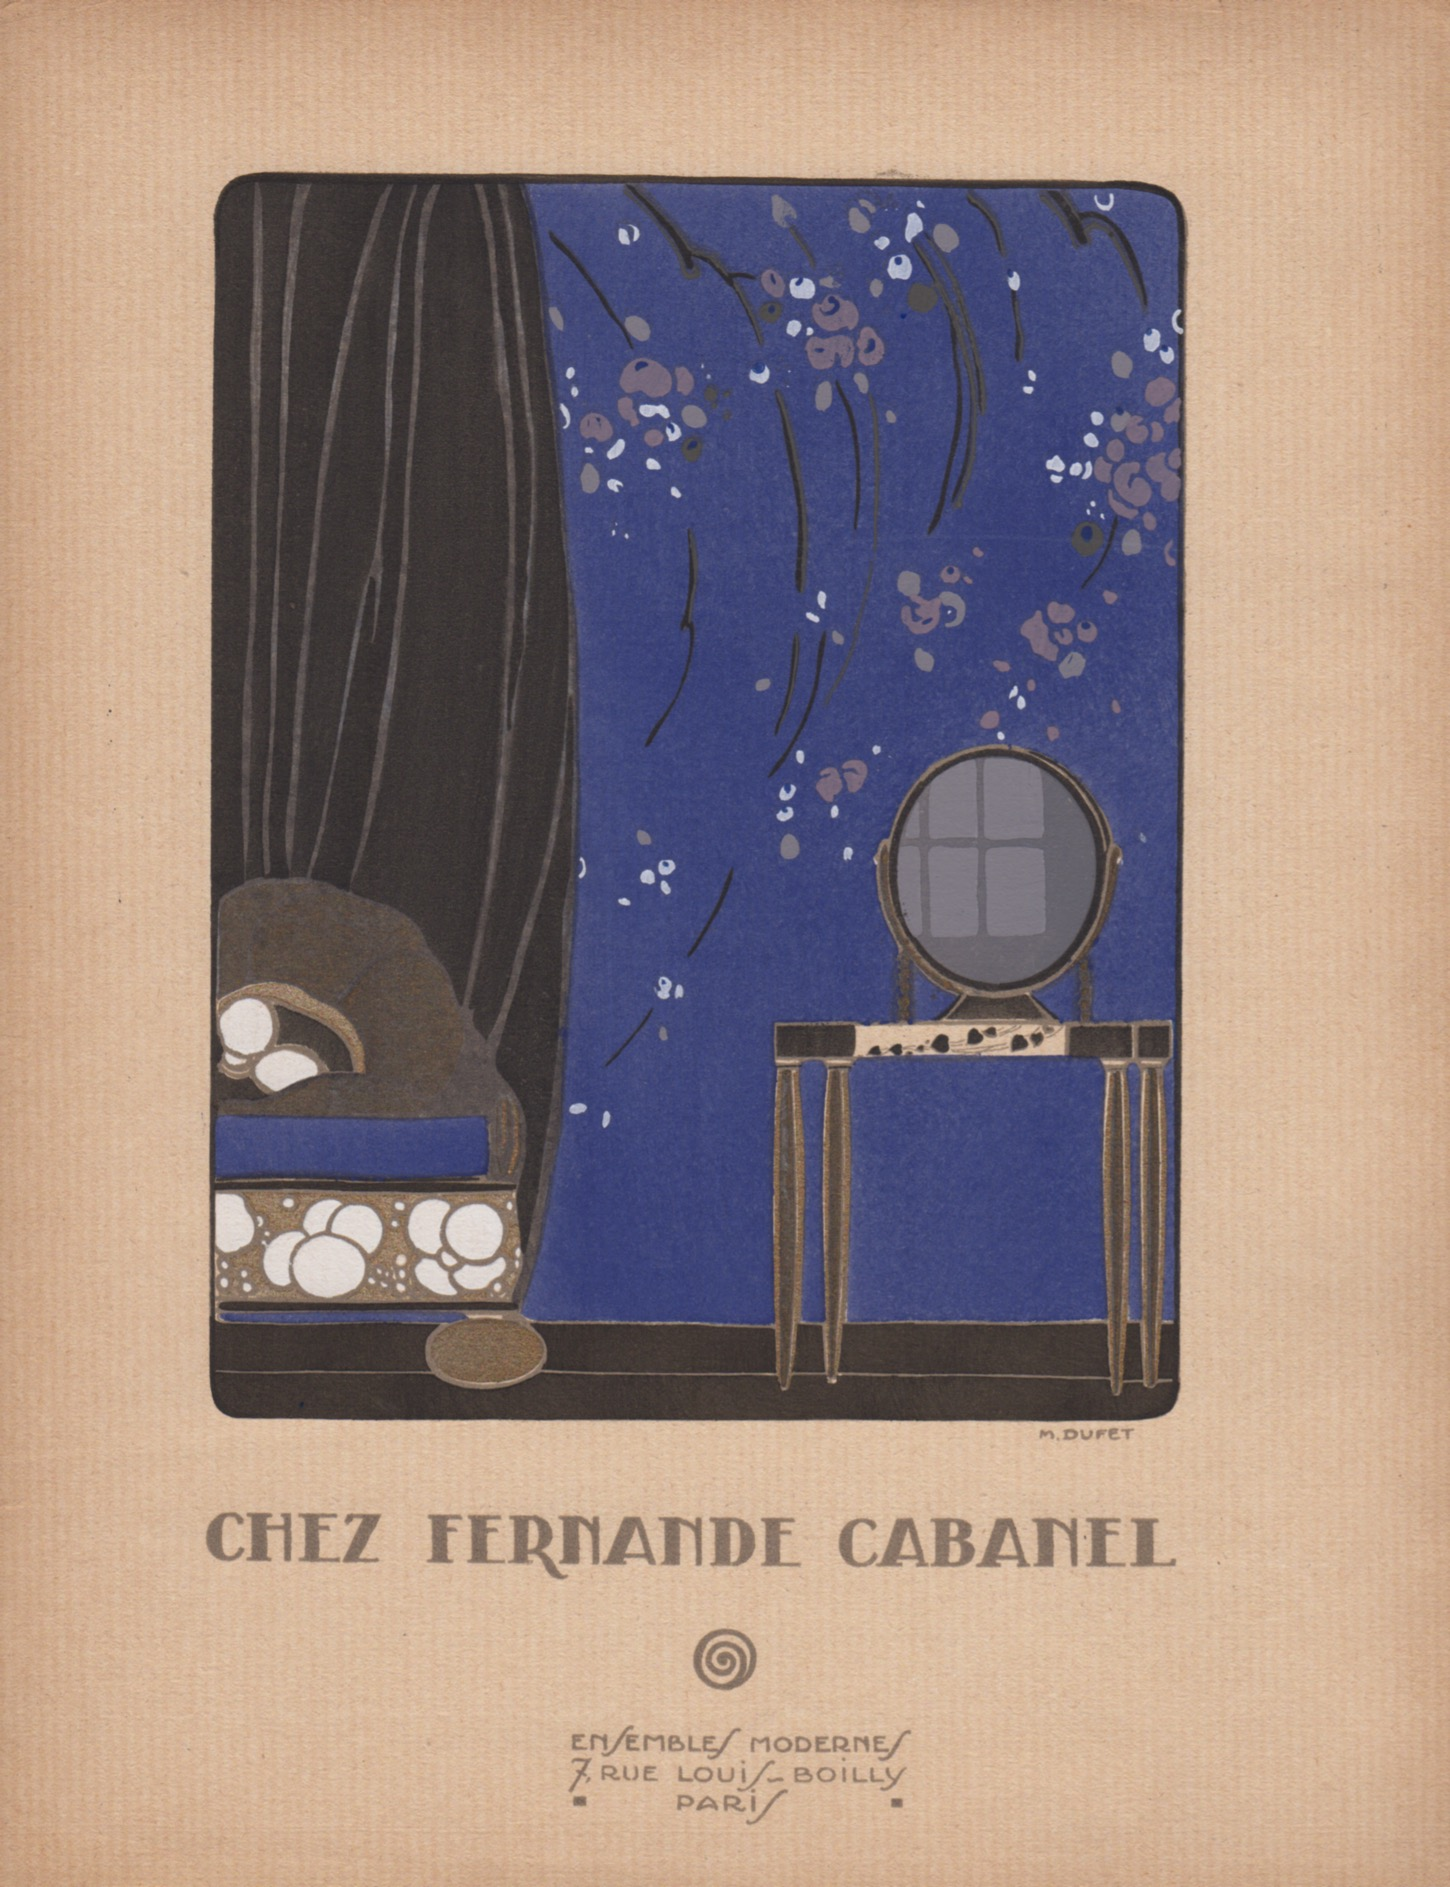 nouvelle image | Chez Fernande Cabanel | M.Dufet